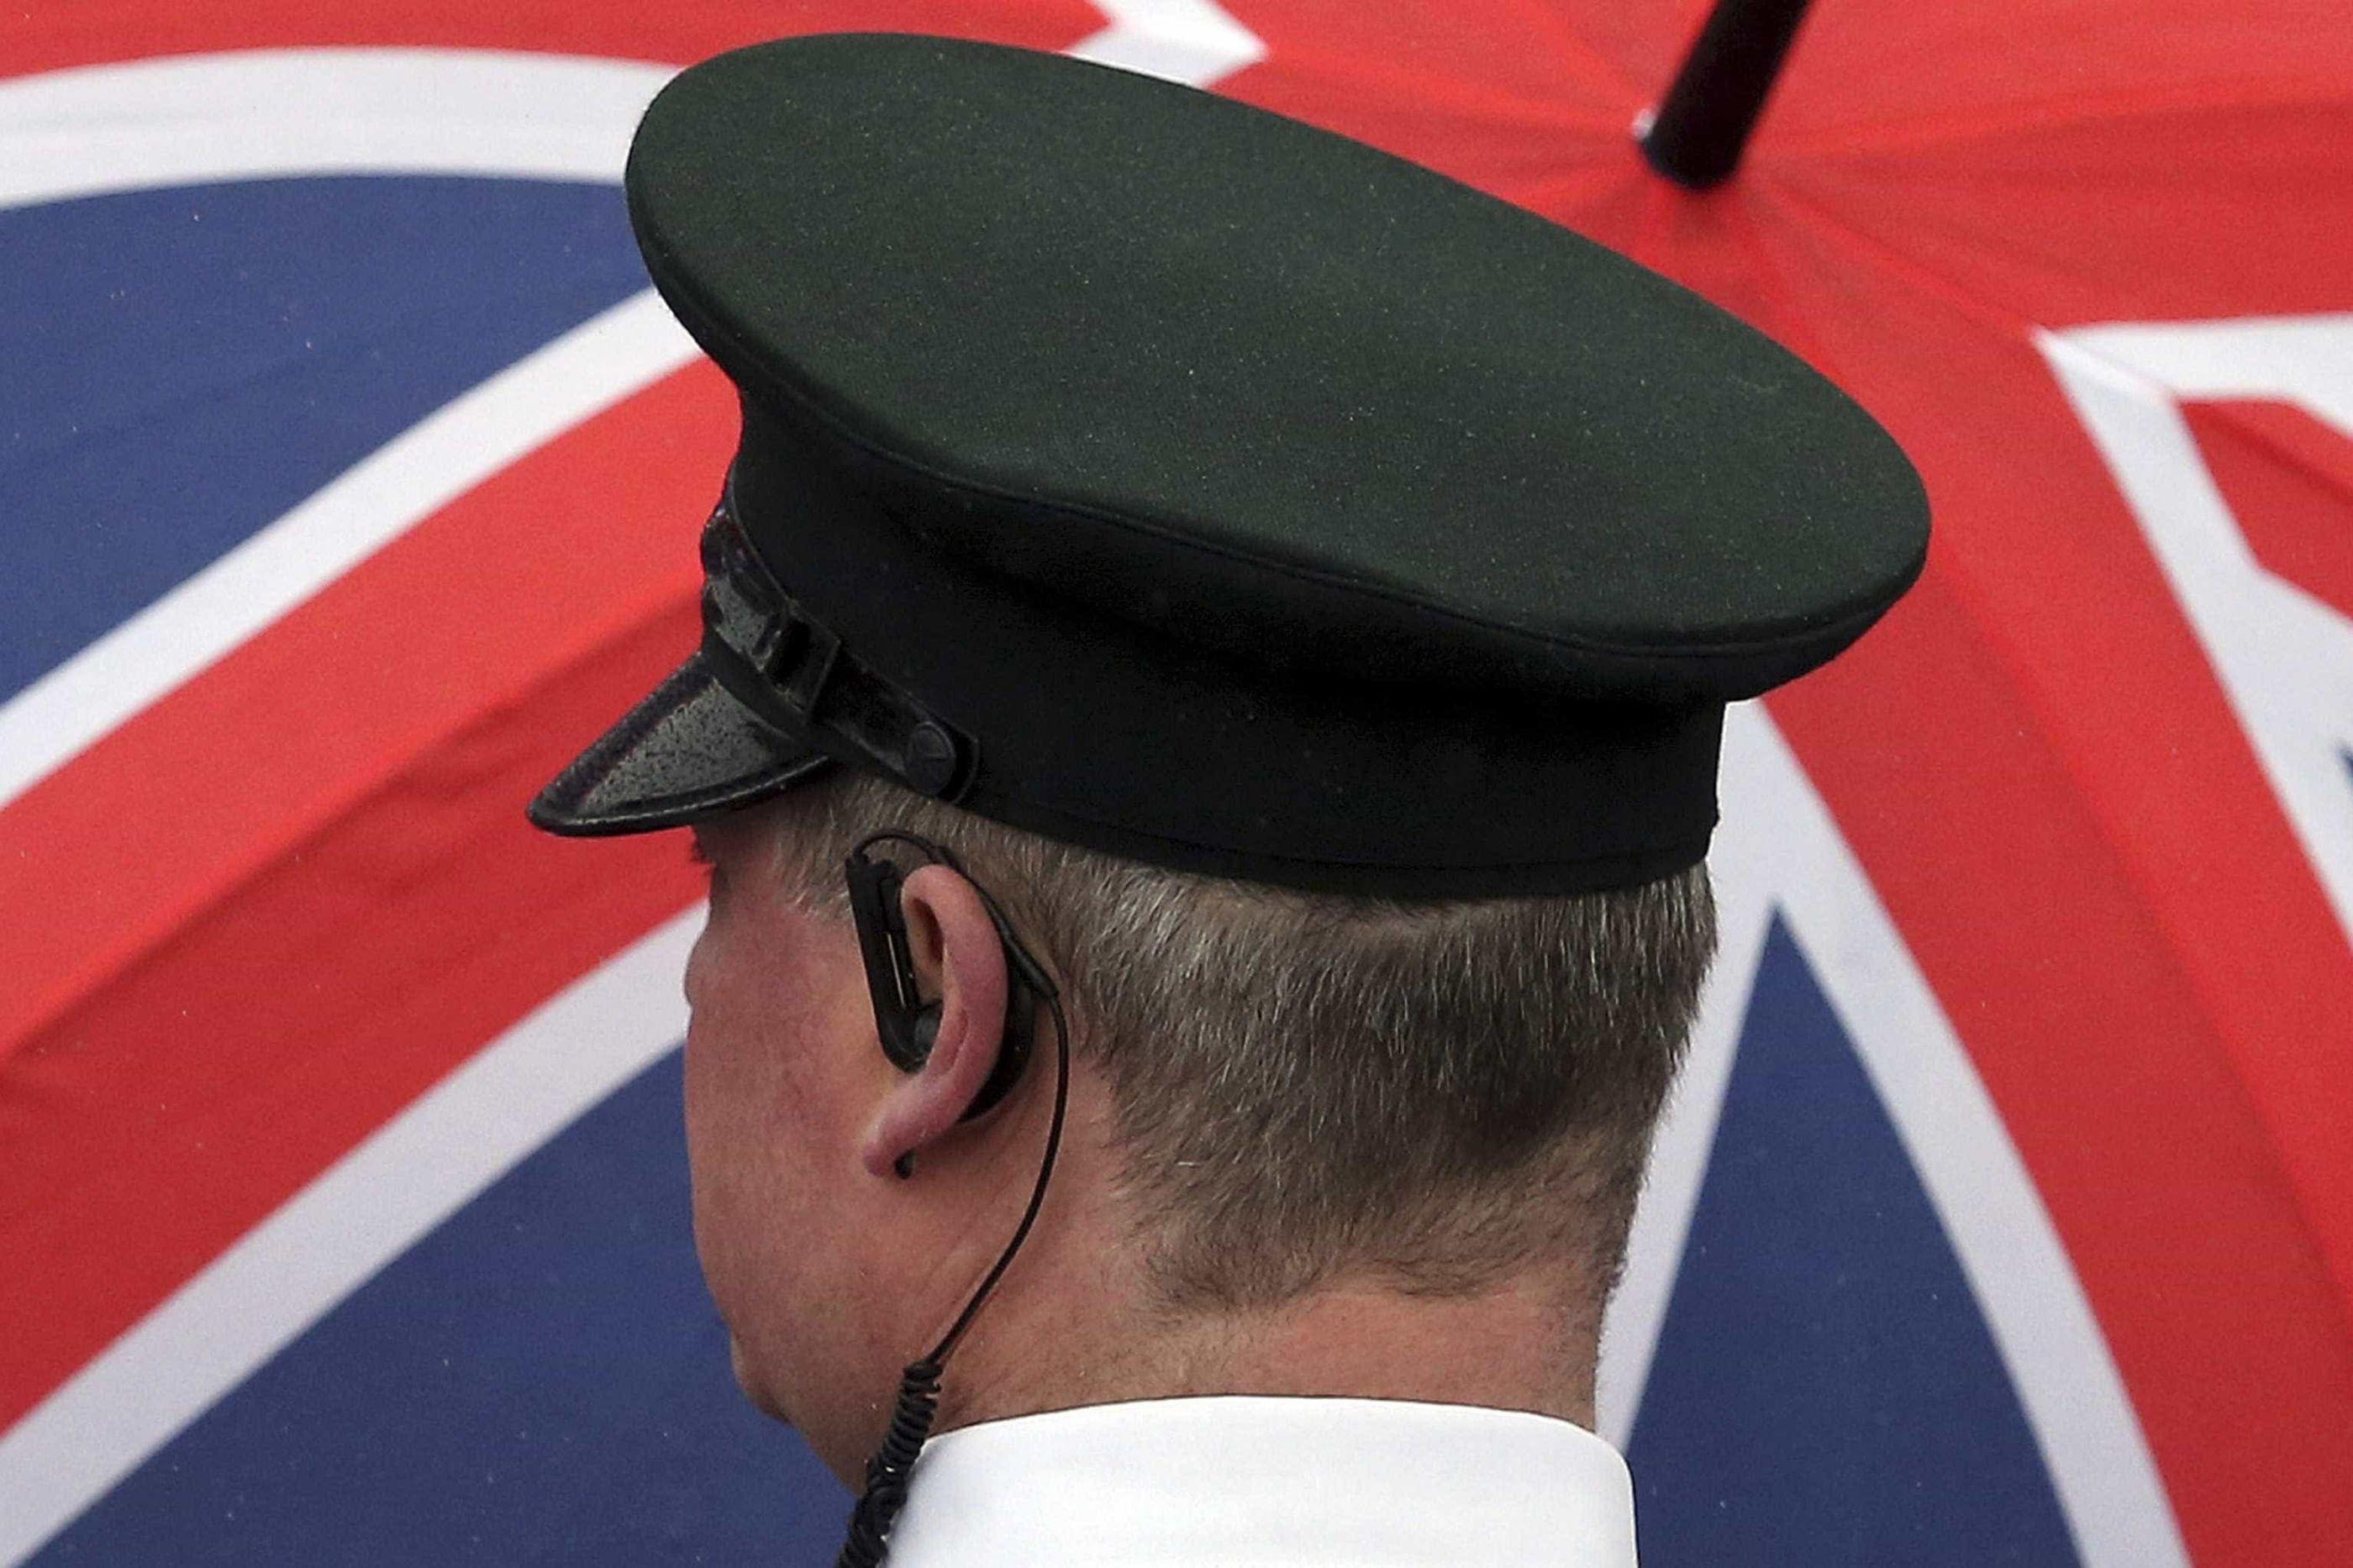 Britânico de 27 anos suspeito de homicídio de três idosos